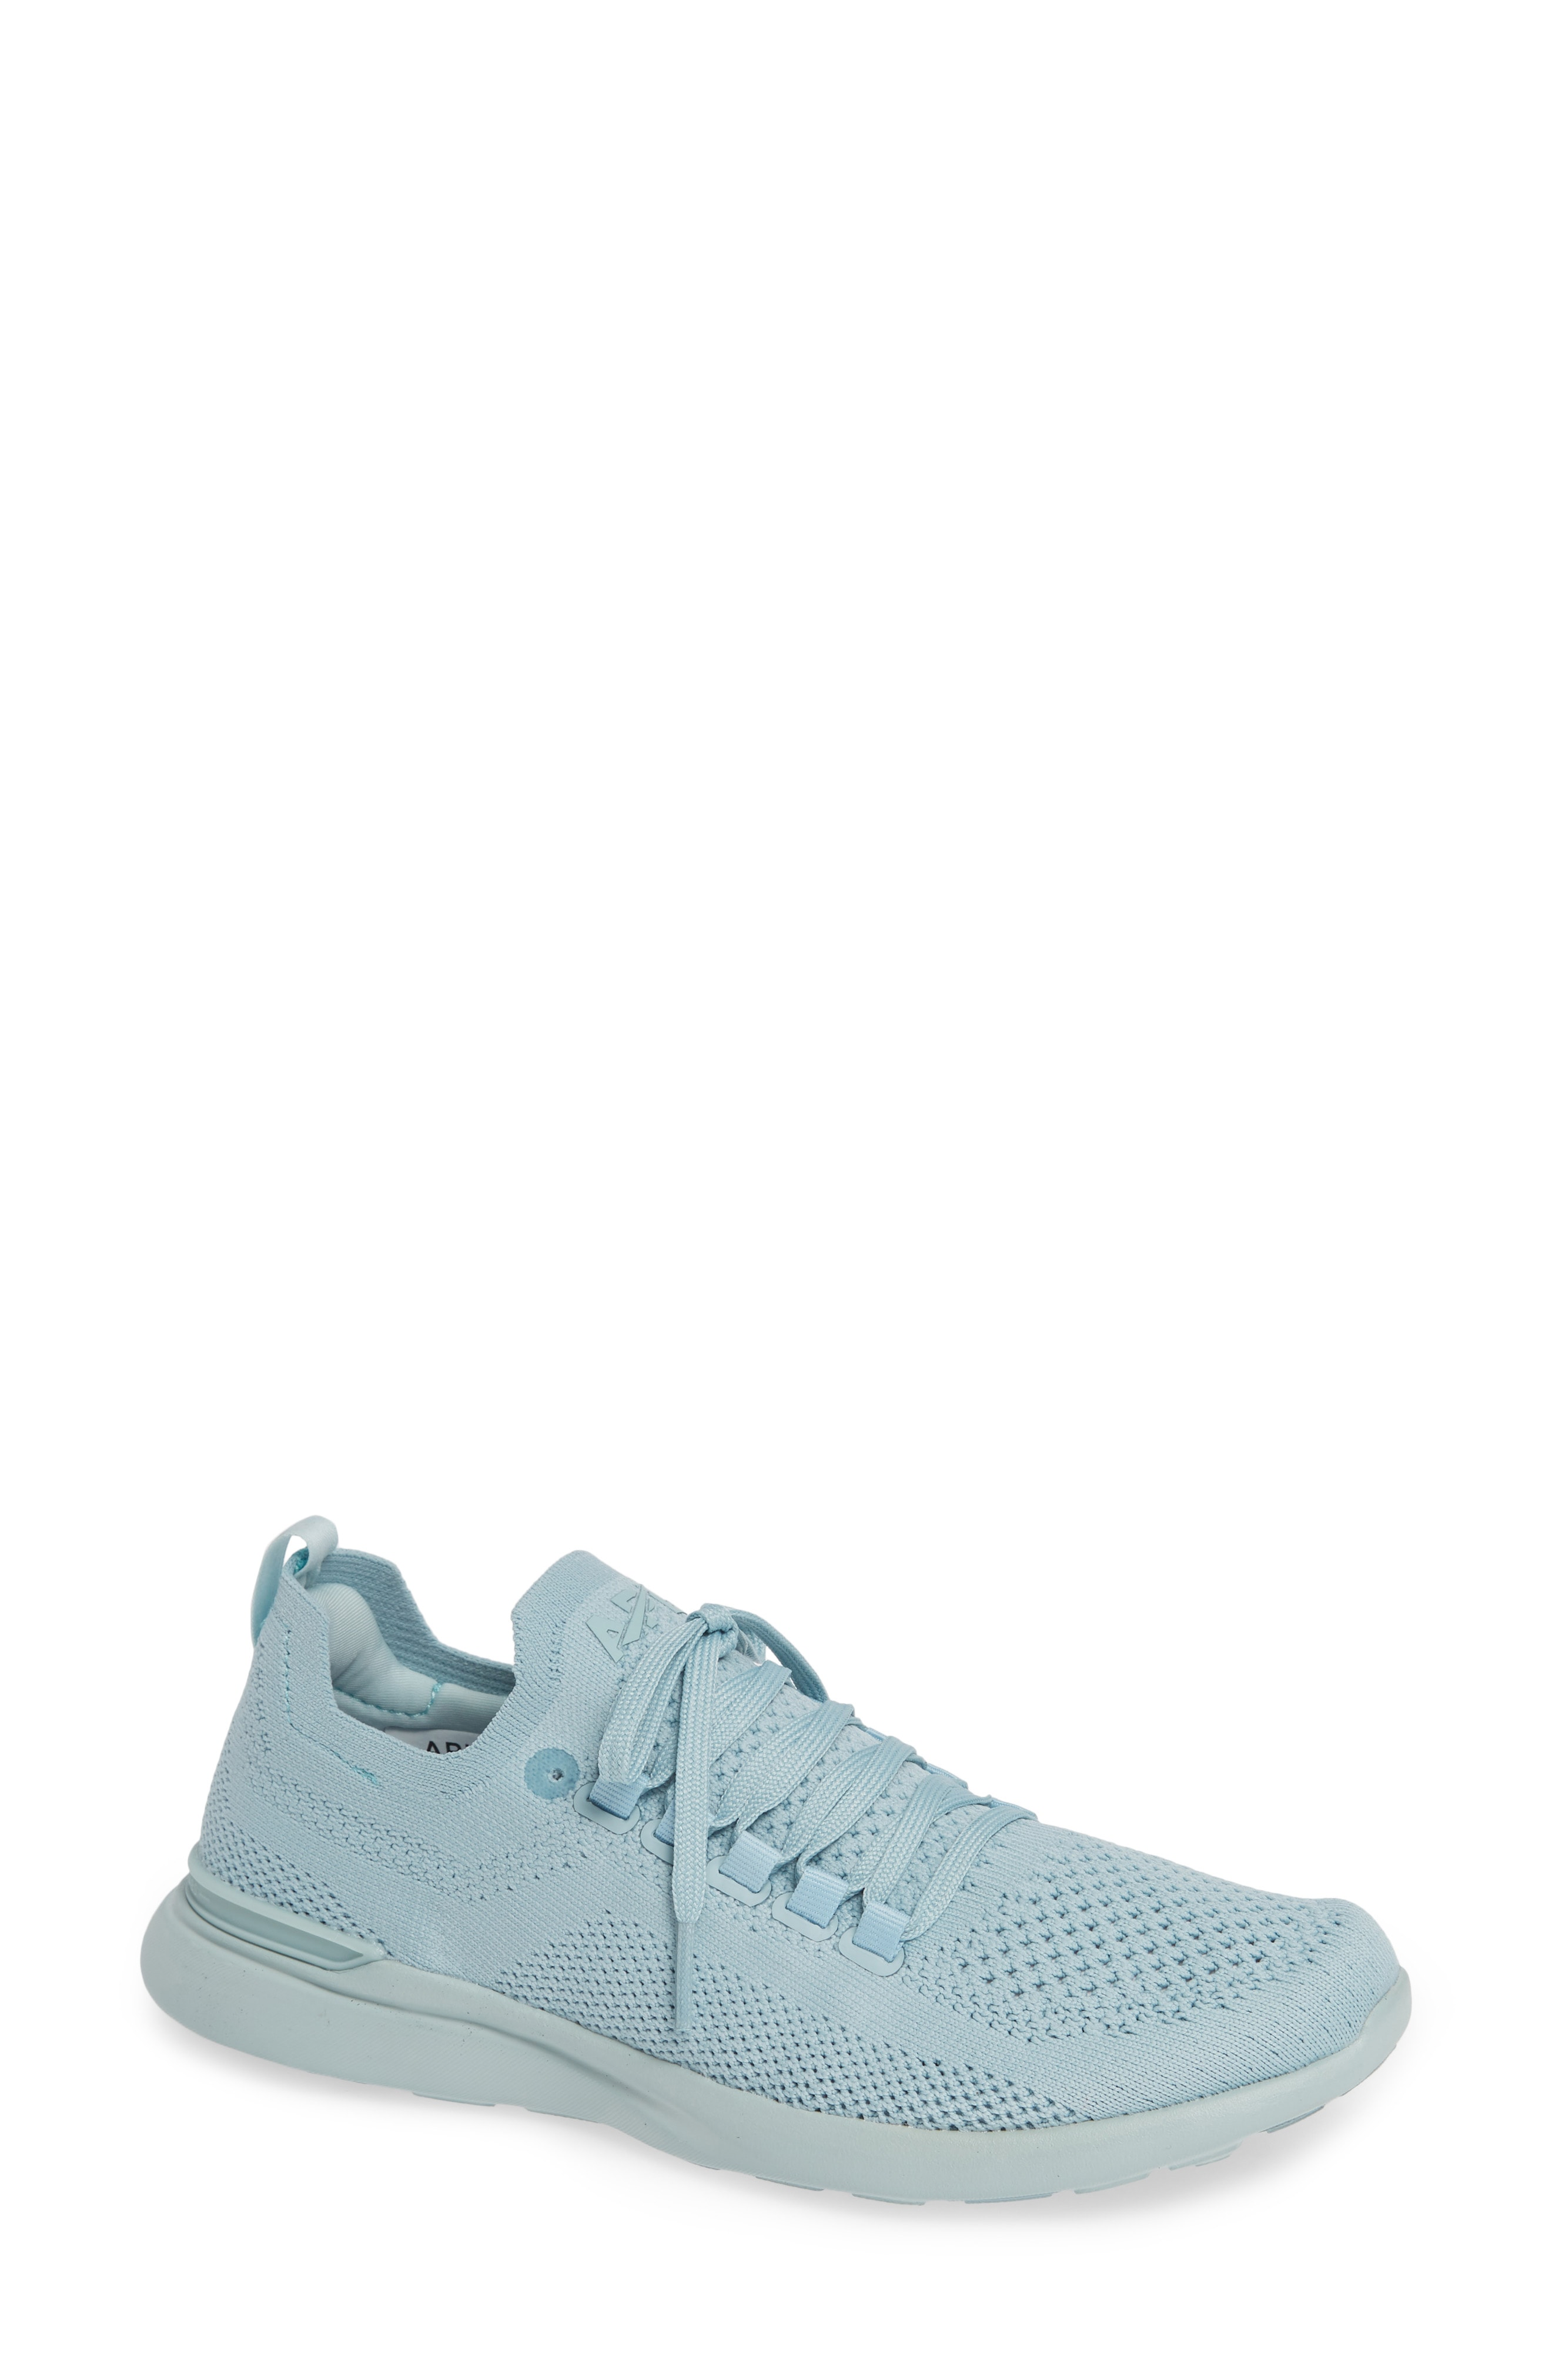 APL Techloom Breeze Knit Running Shoe (Women)